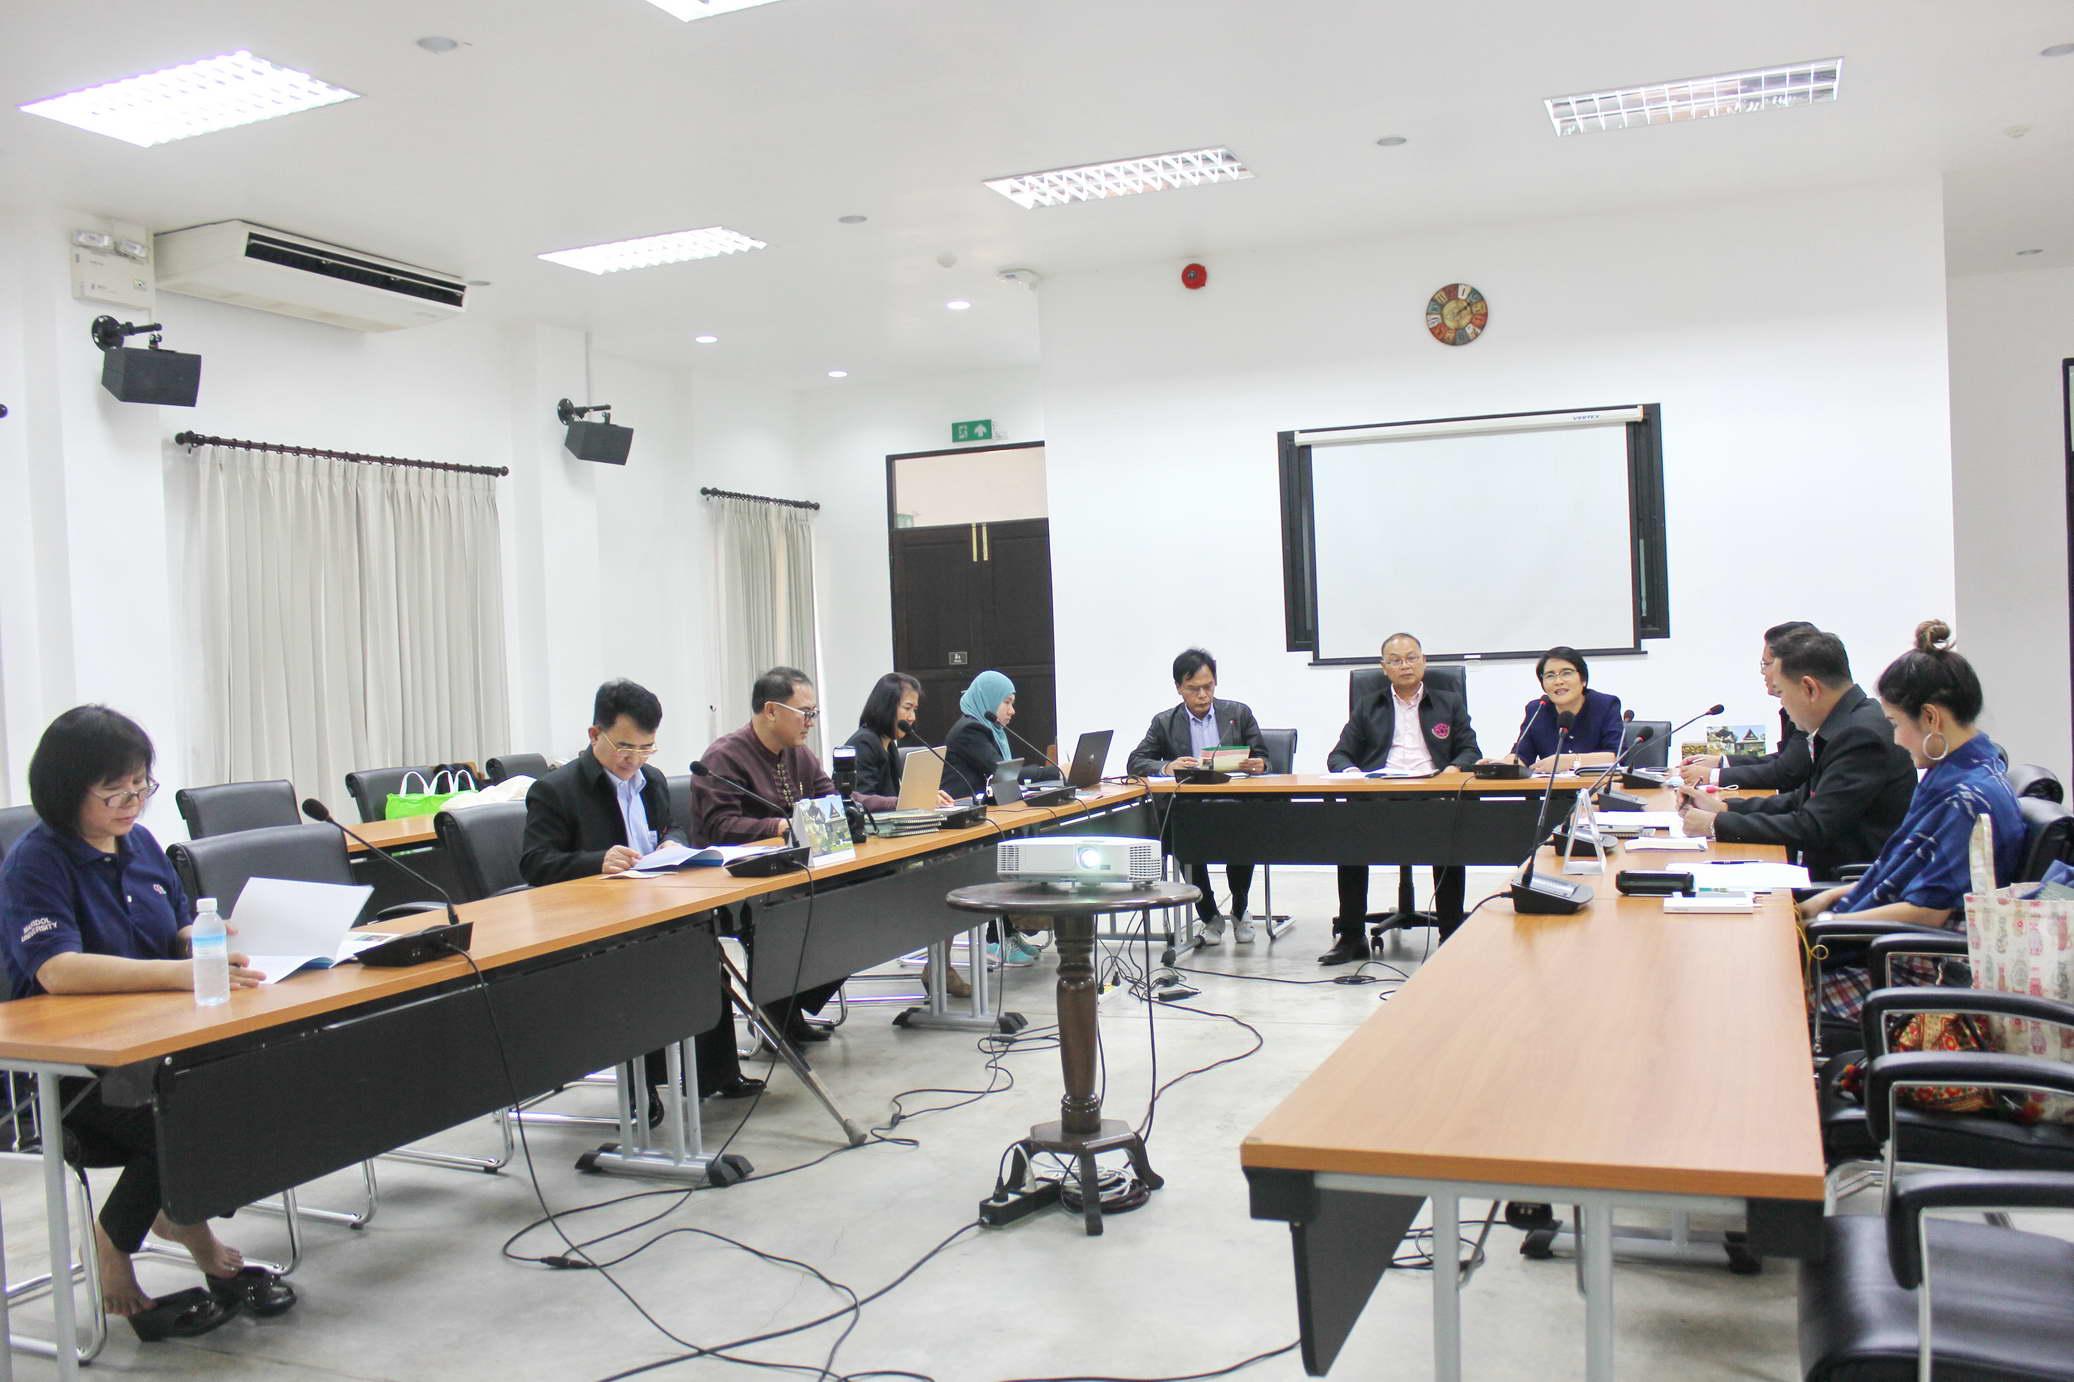 ให้การต้อนรับคณะกรรมการบริหารที่ประชุมสภาข้าราชการ พนักงาน และลูกจ้างมหาวิทยาลัยแห่งประเทศไทย